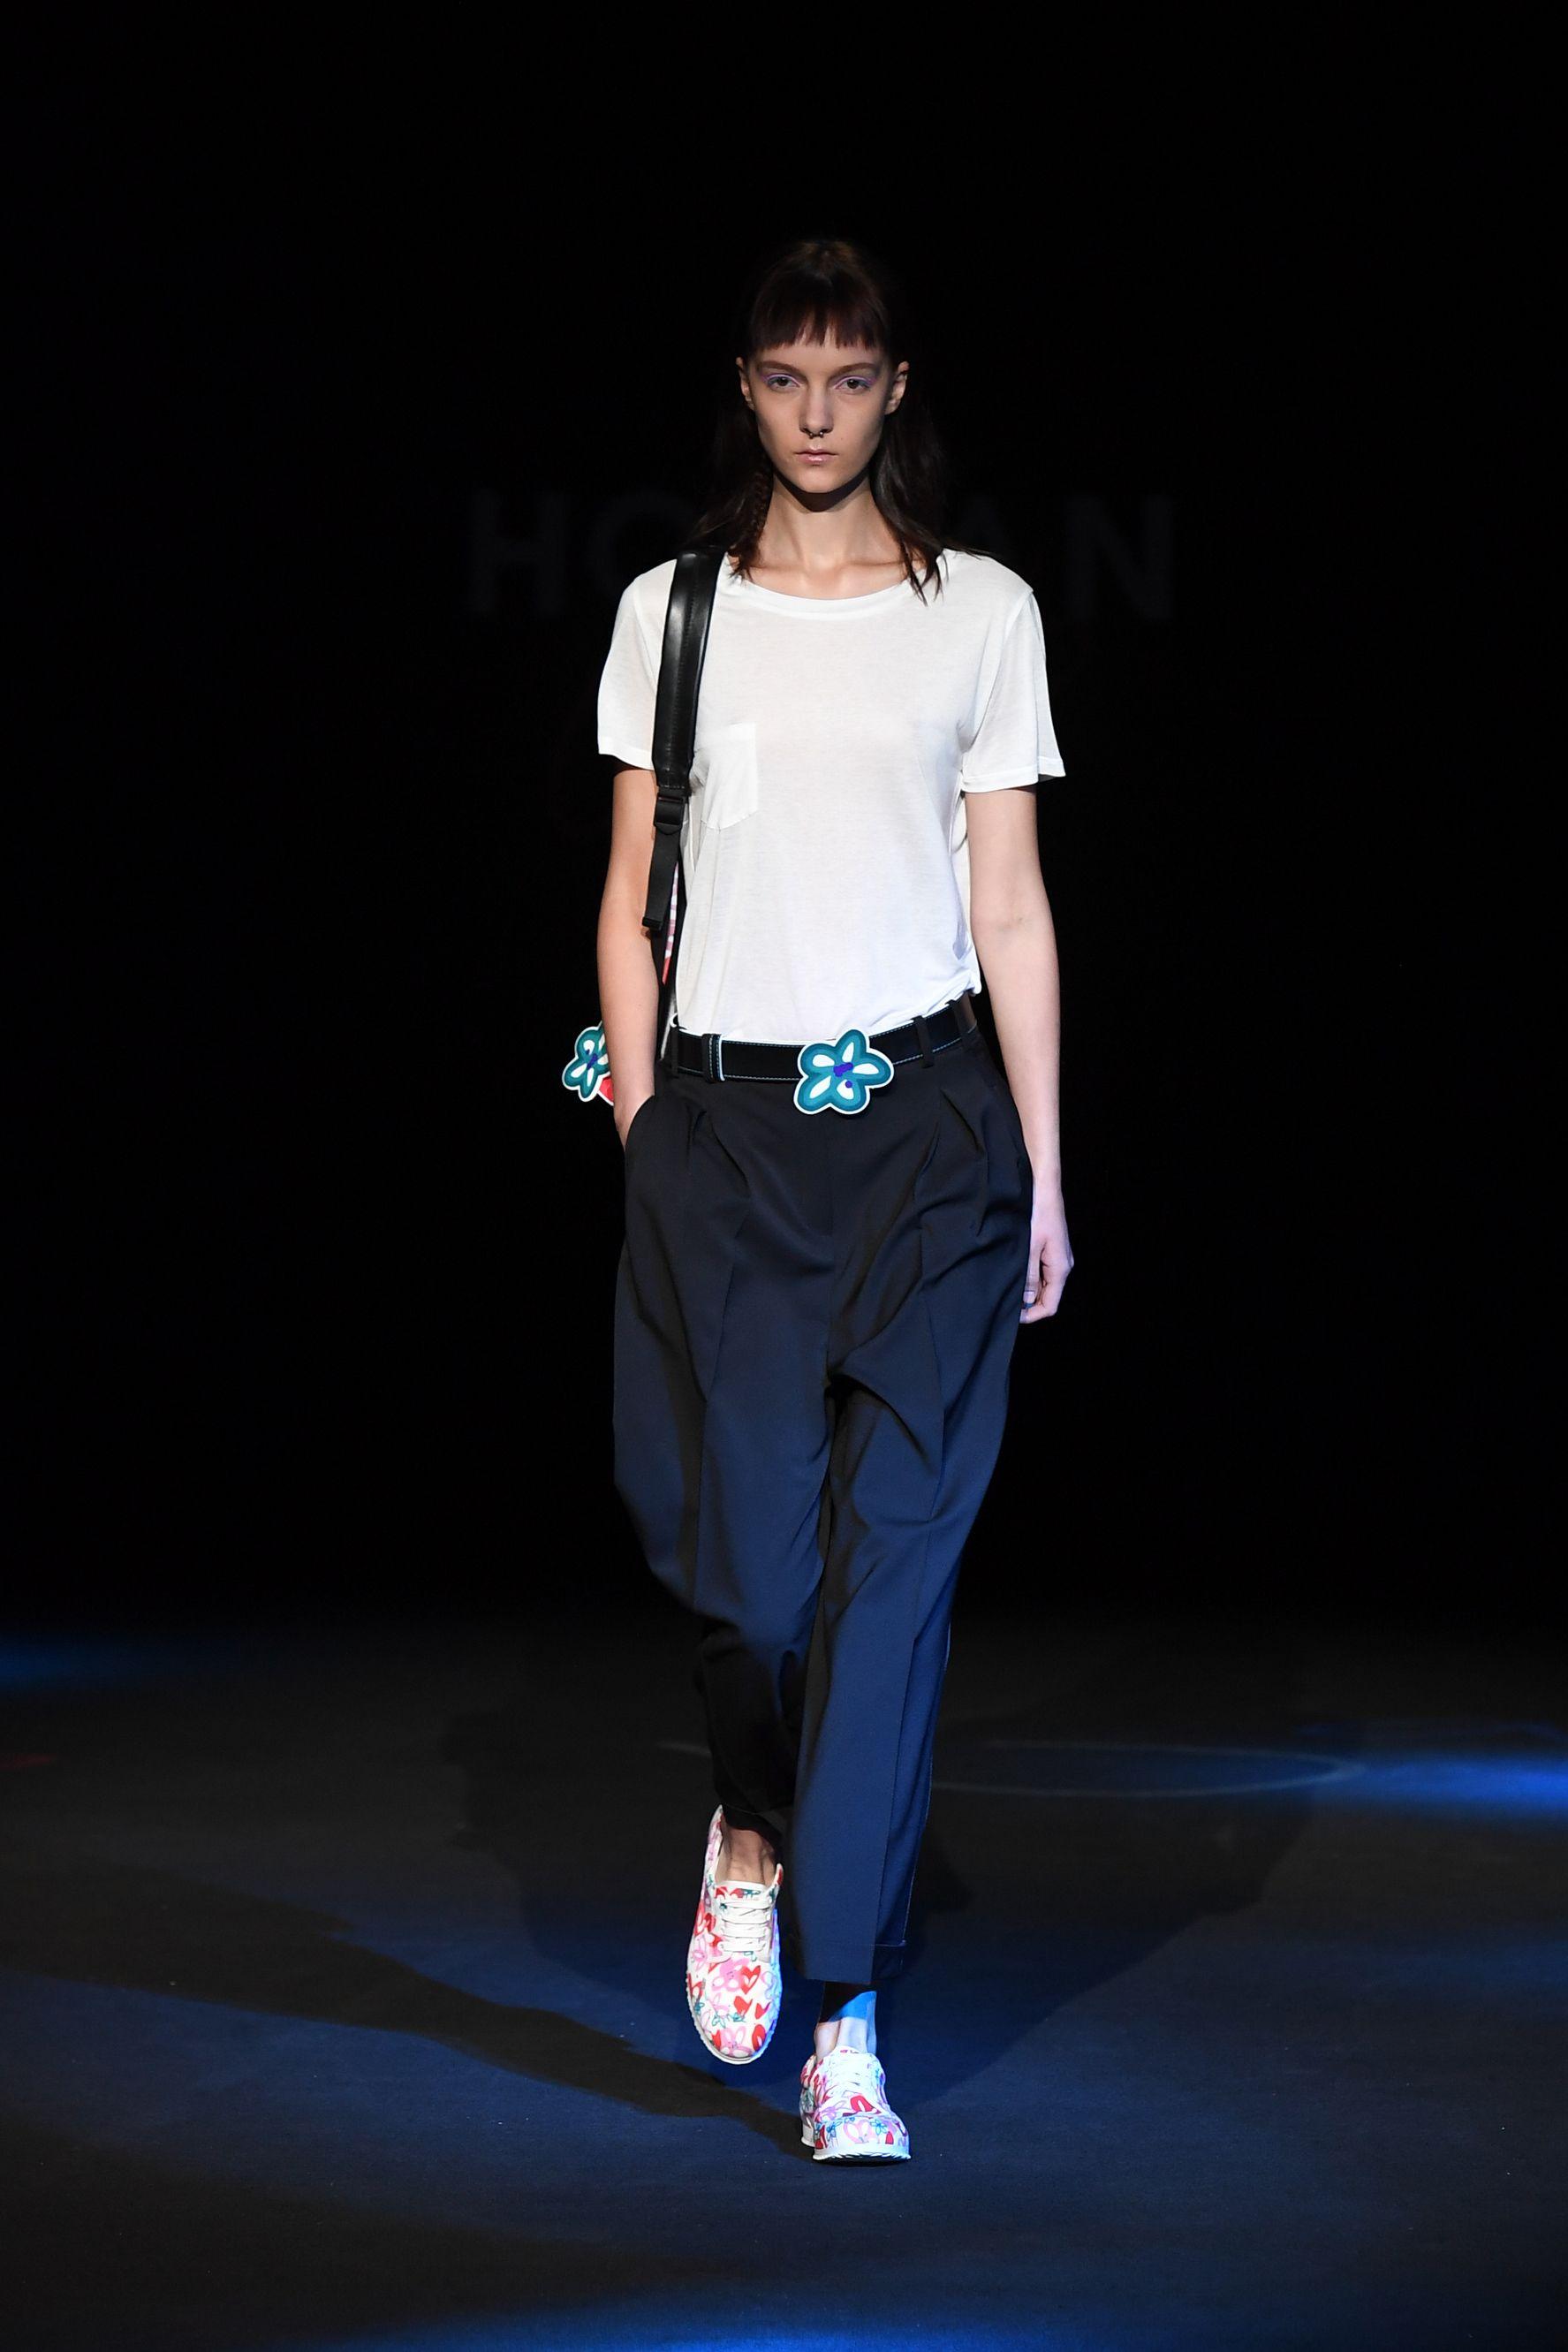 <p>Traditional86 a fiori: l'iconica sneakers di lusso Hogan in chiave pop si porta con un look simply chic composto da pantalone over e t-shirt bianca. Pronte per l'ufficio?</p>